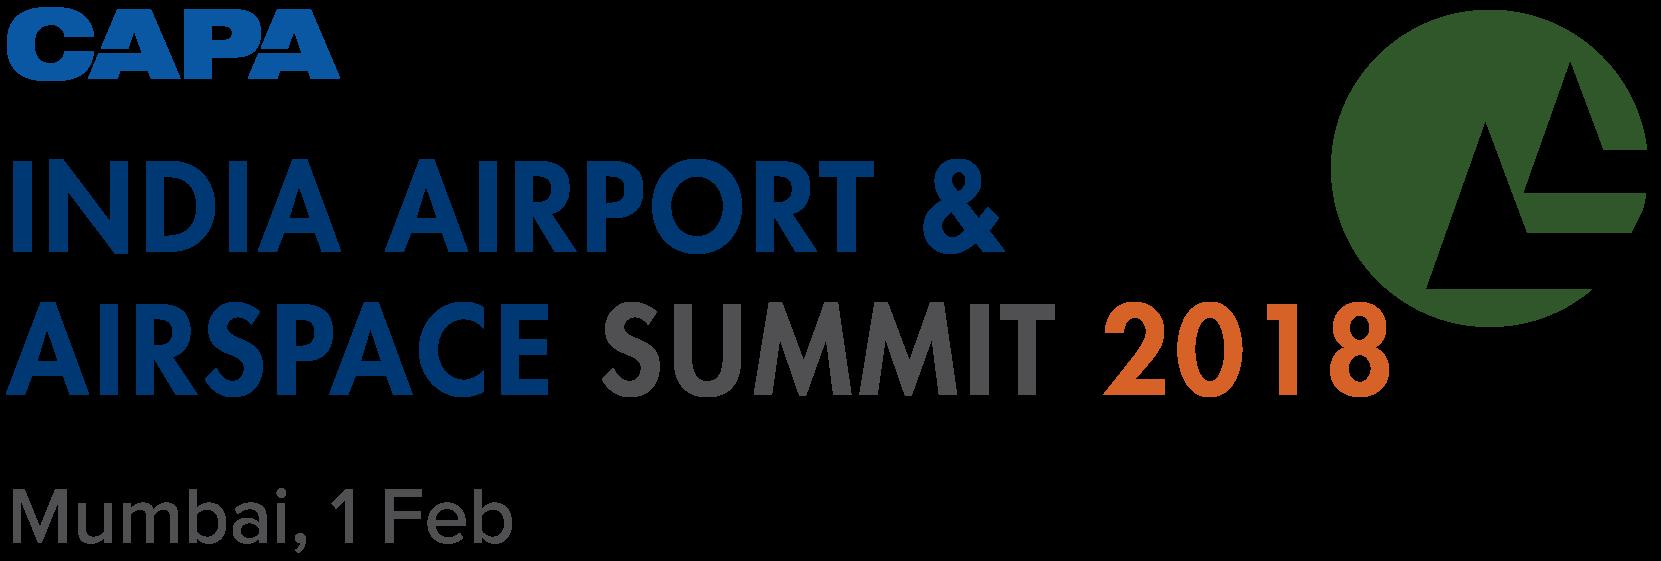 Home | CAPA India Aviation Summit 2018